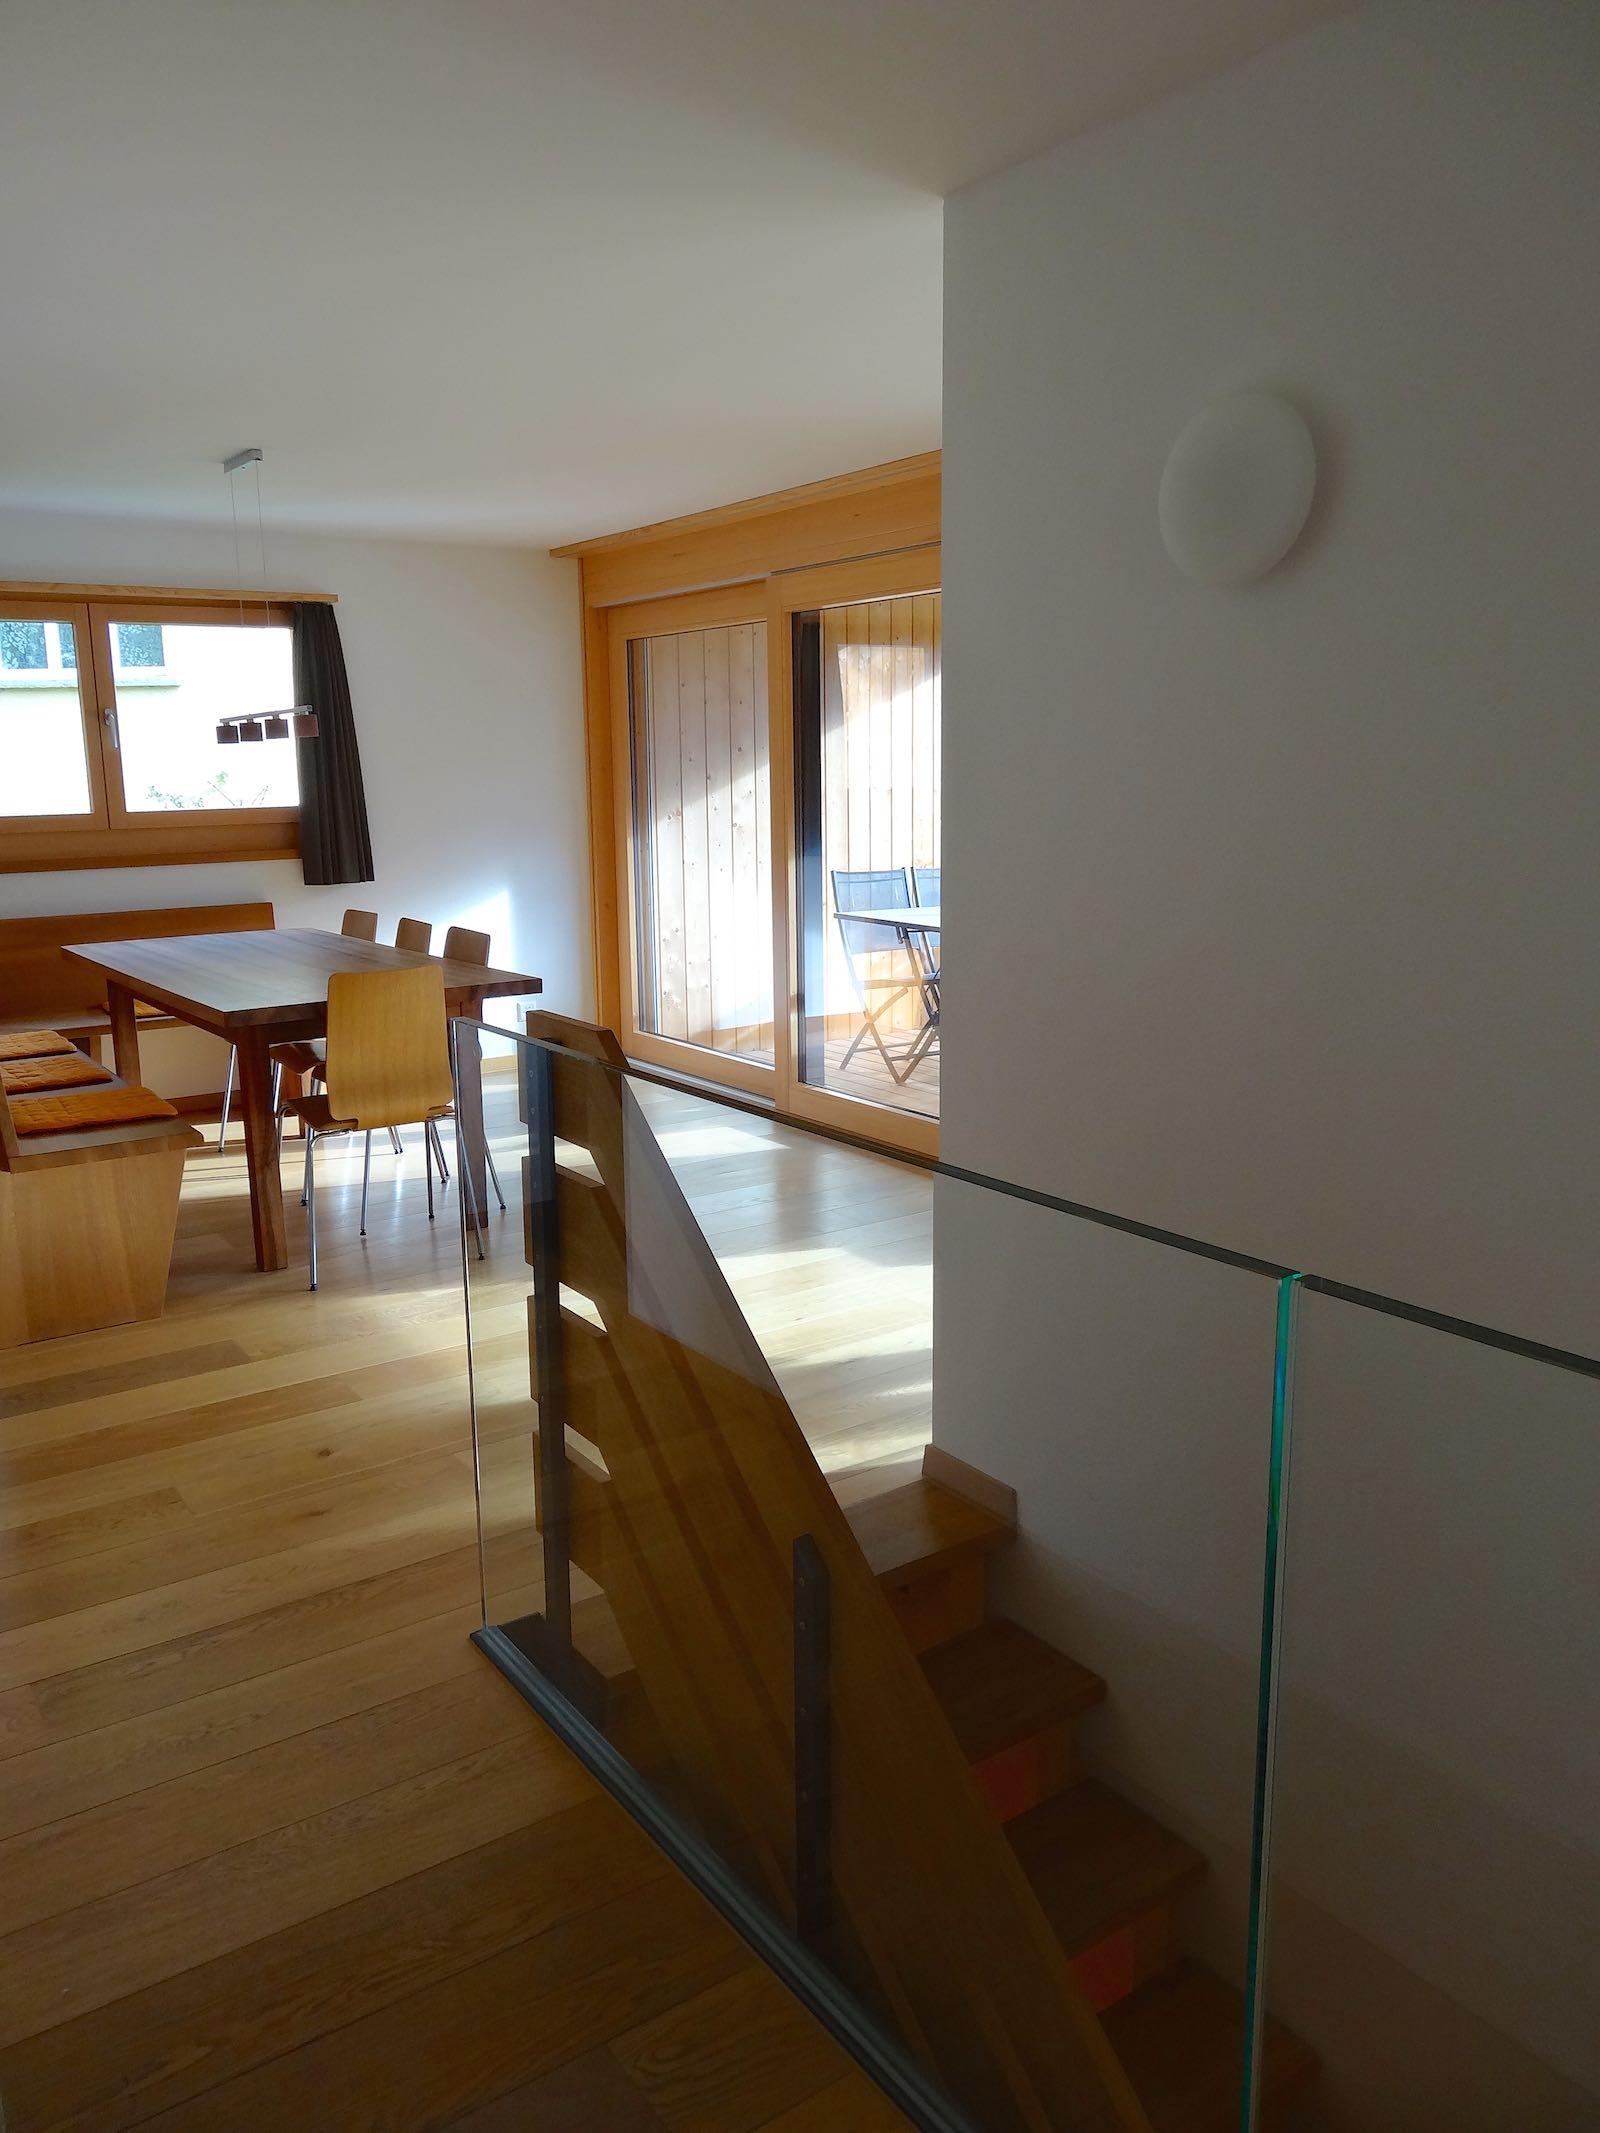 http://hoteljungfrau.ch/wp-content/uploads/2014/11/jungfrau-lodge-13.jpg